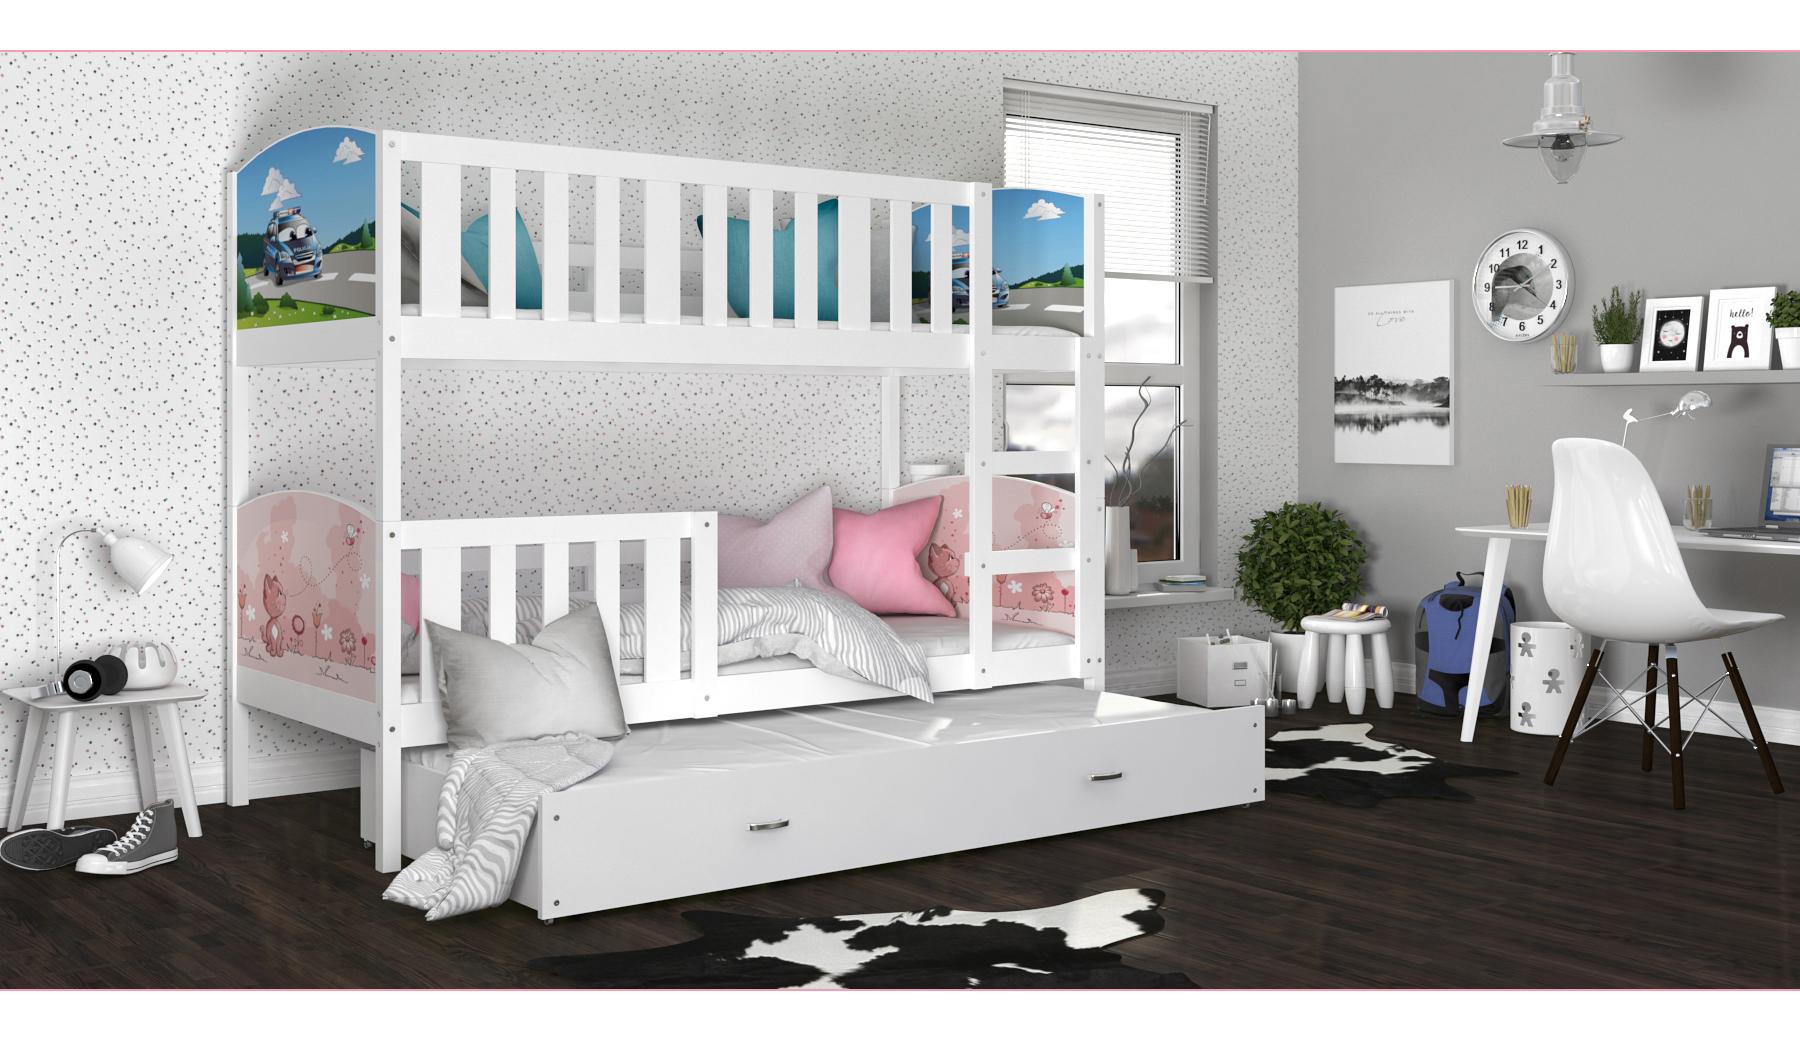 ArtAJ Detská poschodová posteľ Tami 3 / biela Tami rozmer: 190 x 80 cm + prístelka 184 x 80 cm, s matracom